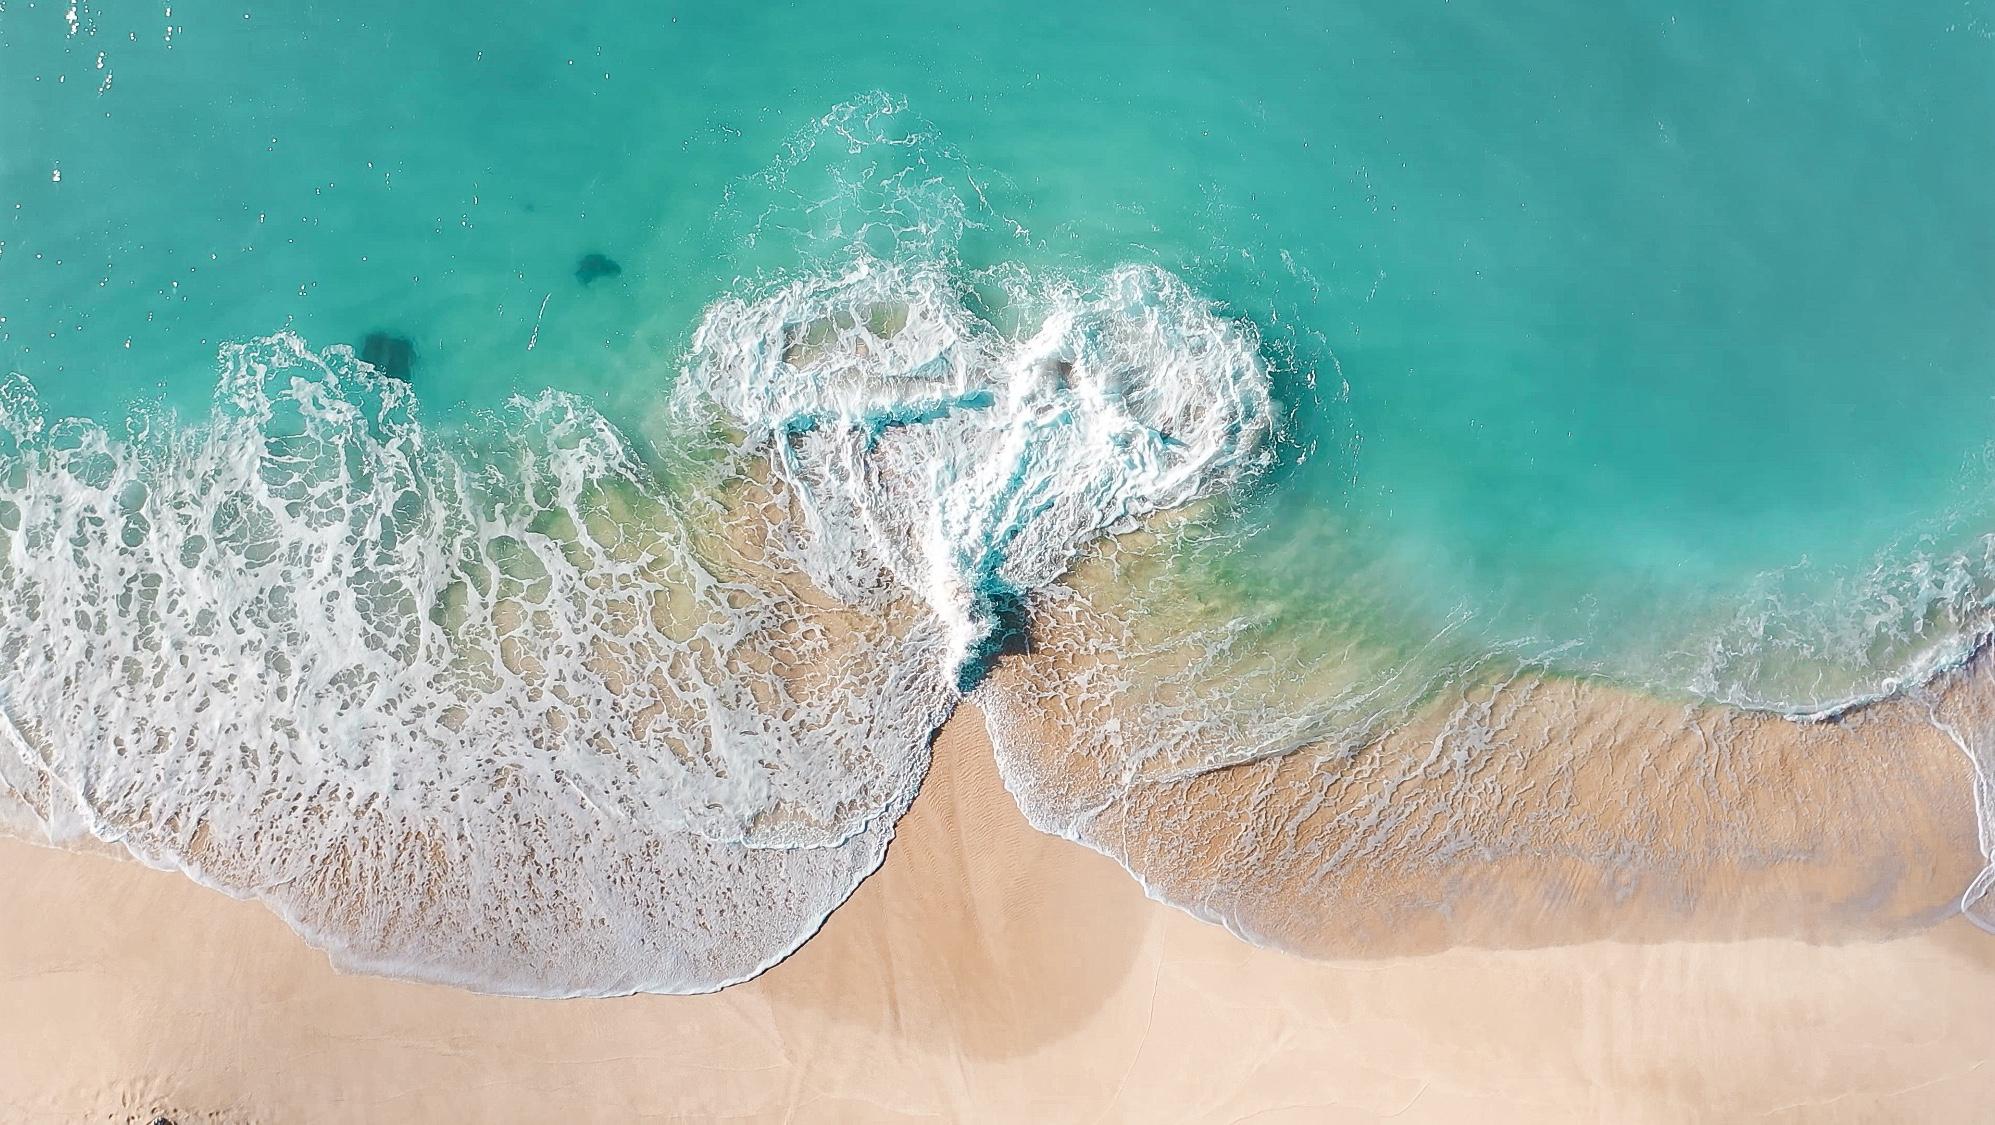 画像 ハワイ空撮 ハートの波 Iphoneの待ち受け用 ハワイドローン写真